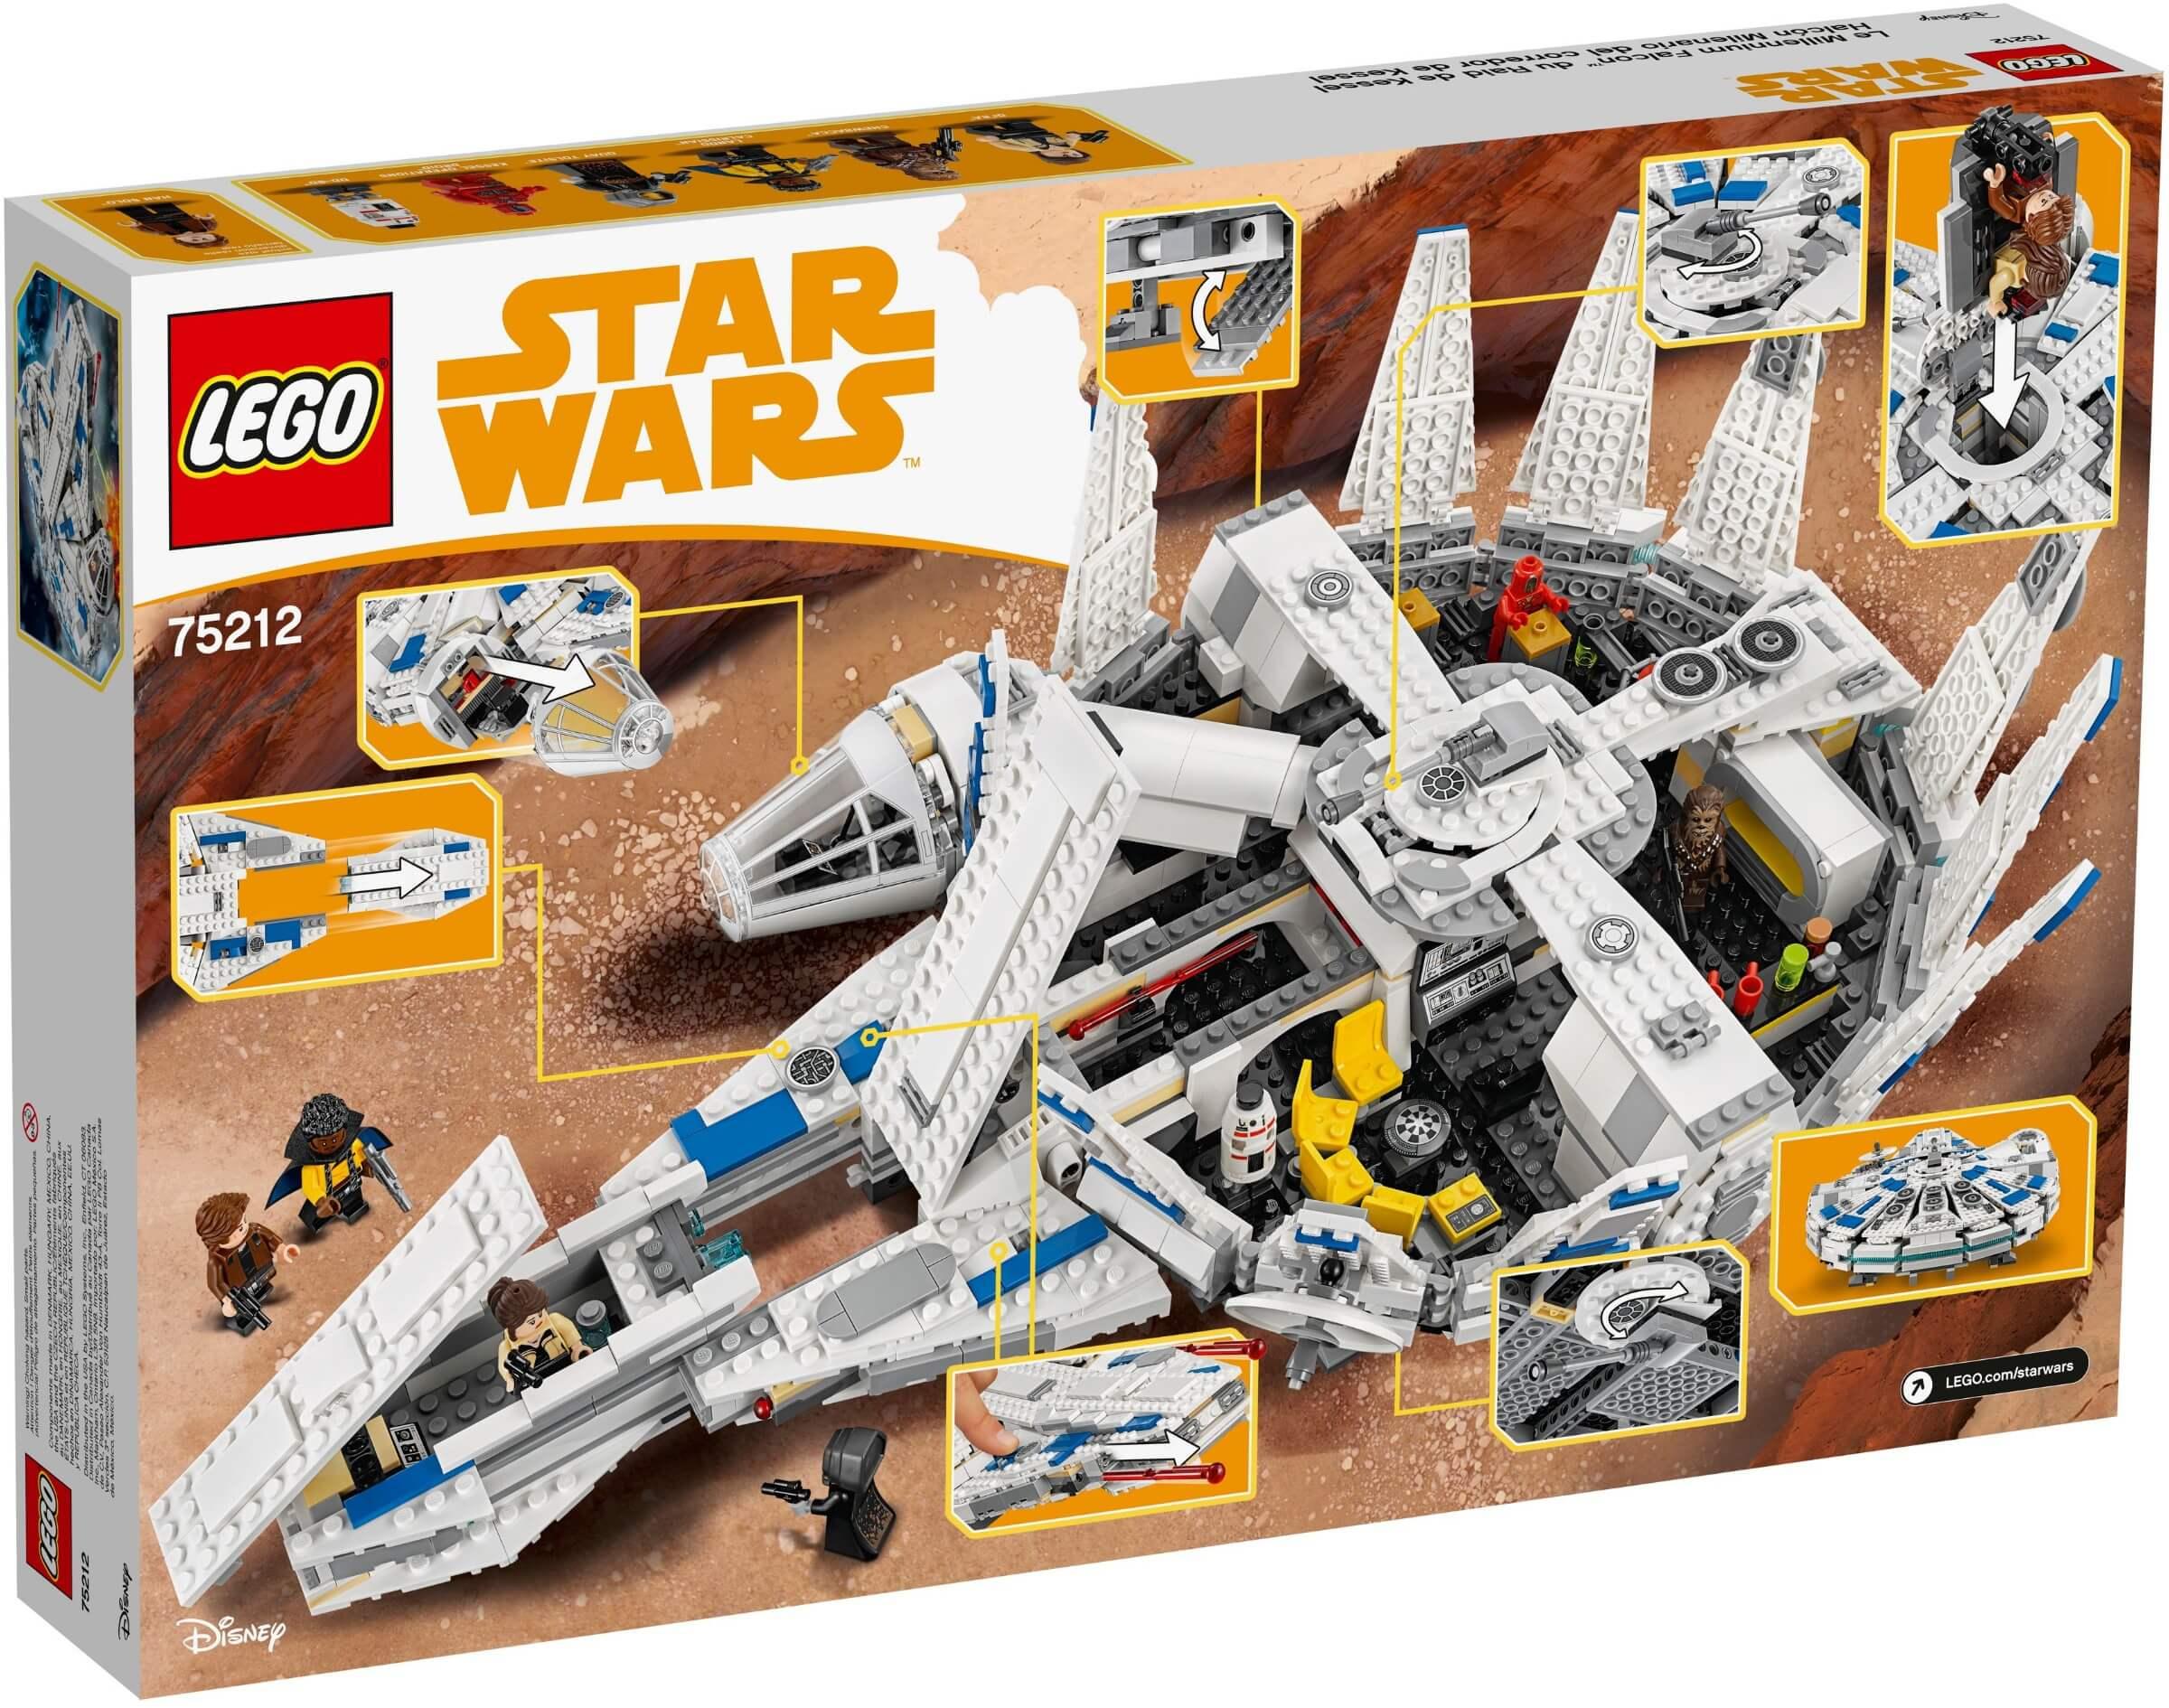 Mua đồ chơi LEGO 75212 - LEGO Star Wars 75212 - Phi Thuyền Millennium Falcon 2018 (LEGO 75212 Kessel Run Millennium Falcon)